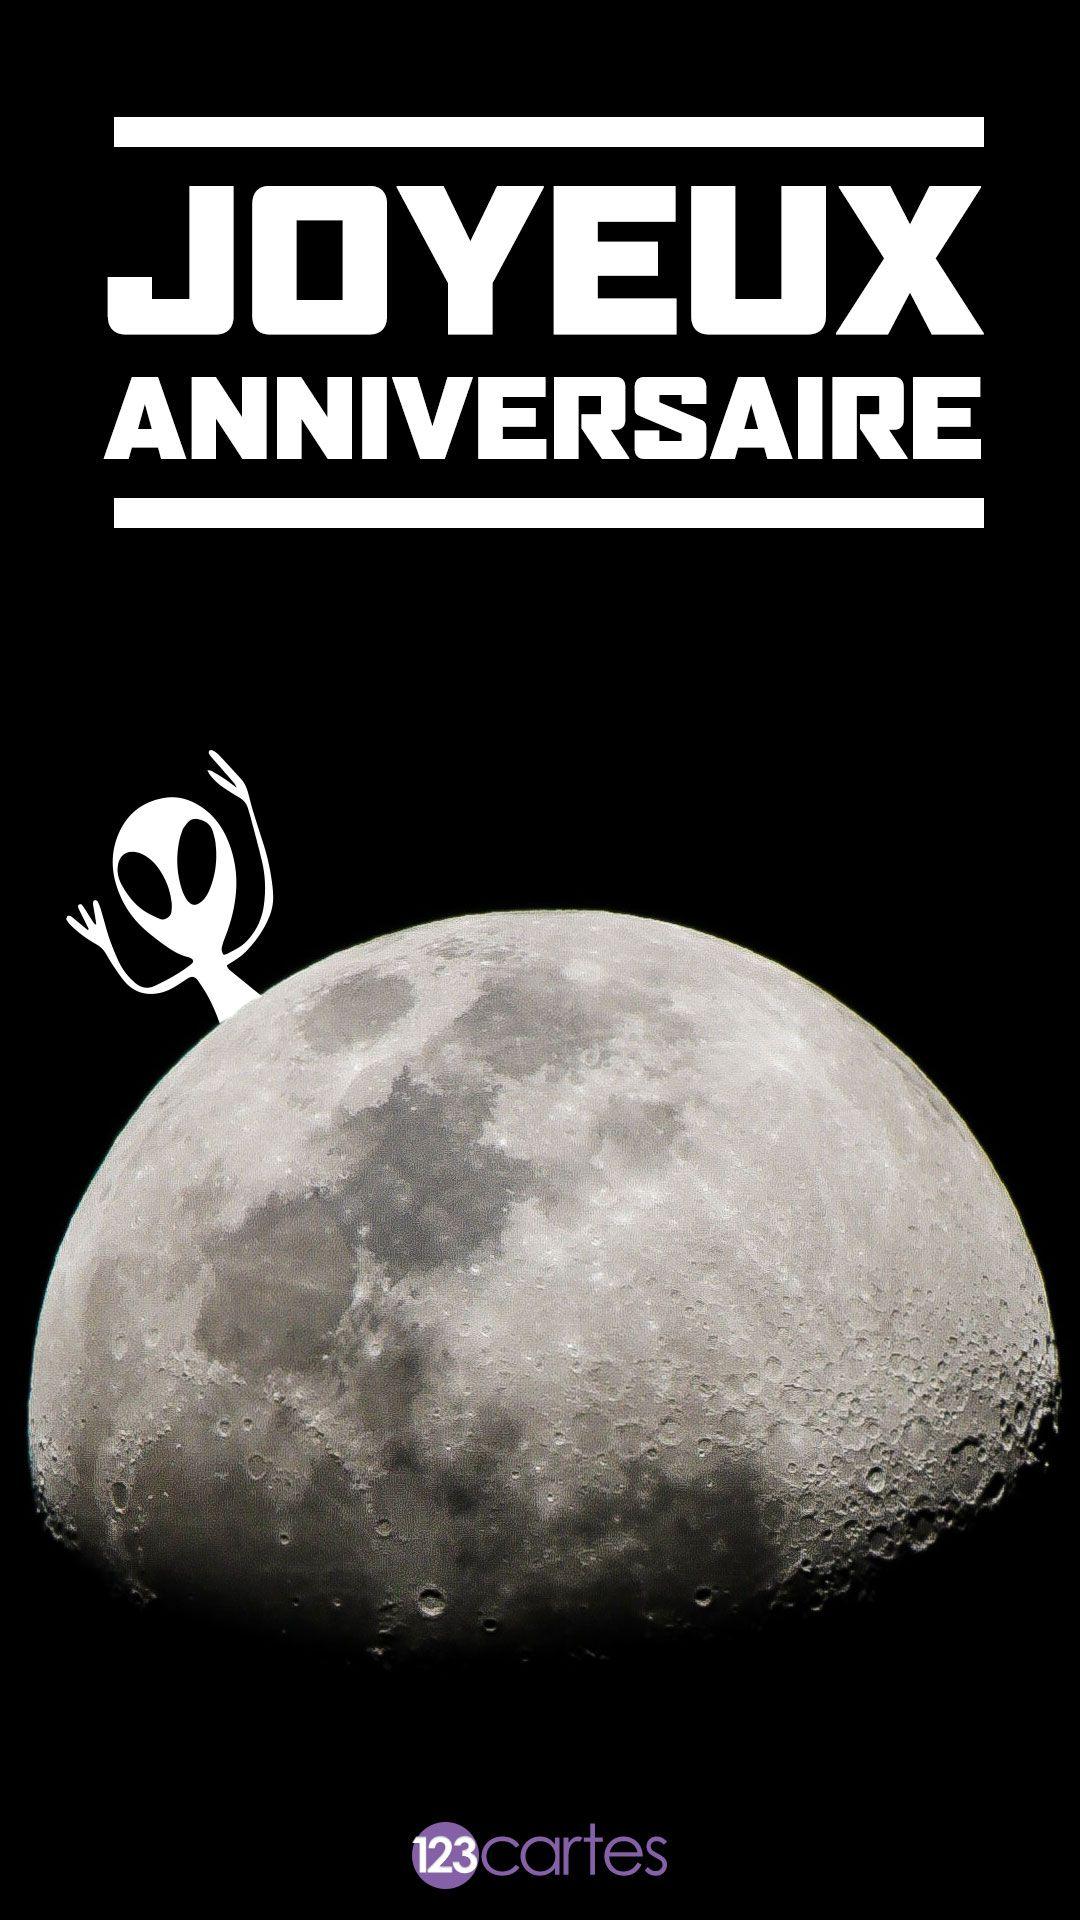 Lune et extraterrestres – carte anniversaire pour smartphone